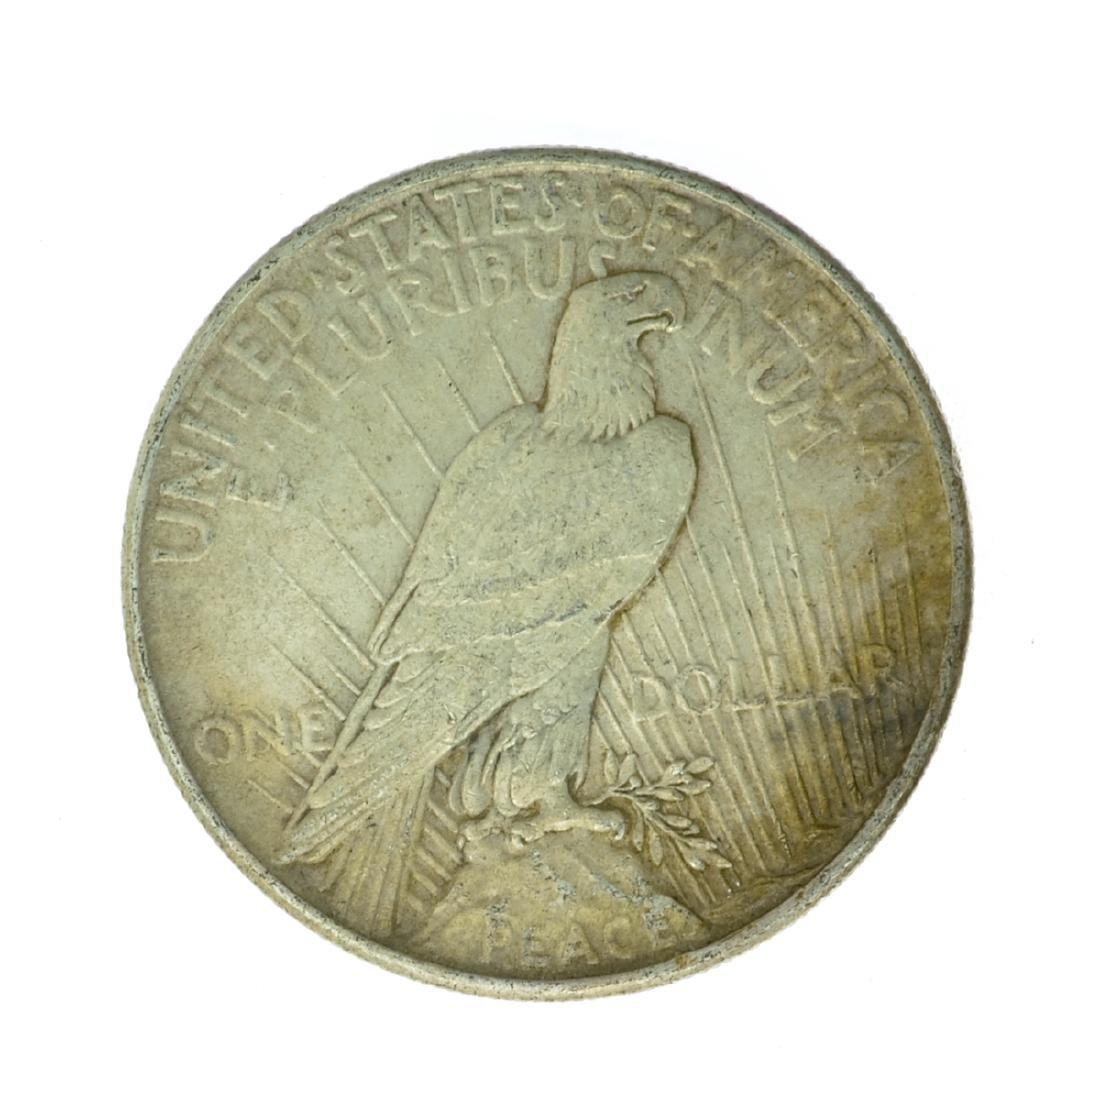 1924 Peace Silver Dollar Coin - 2